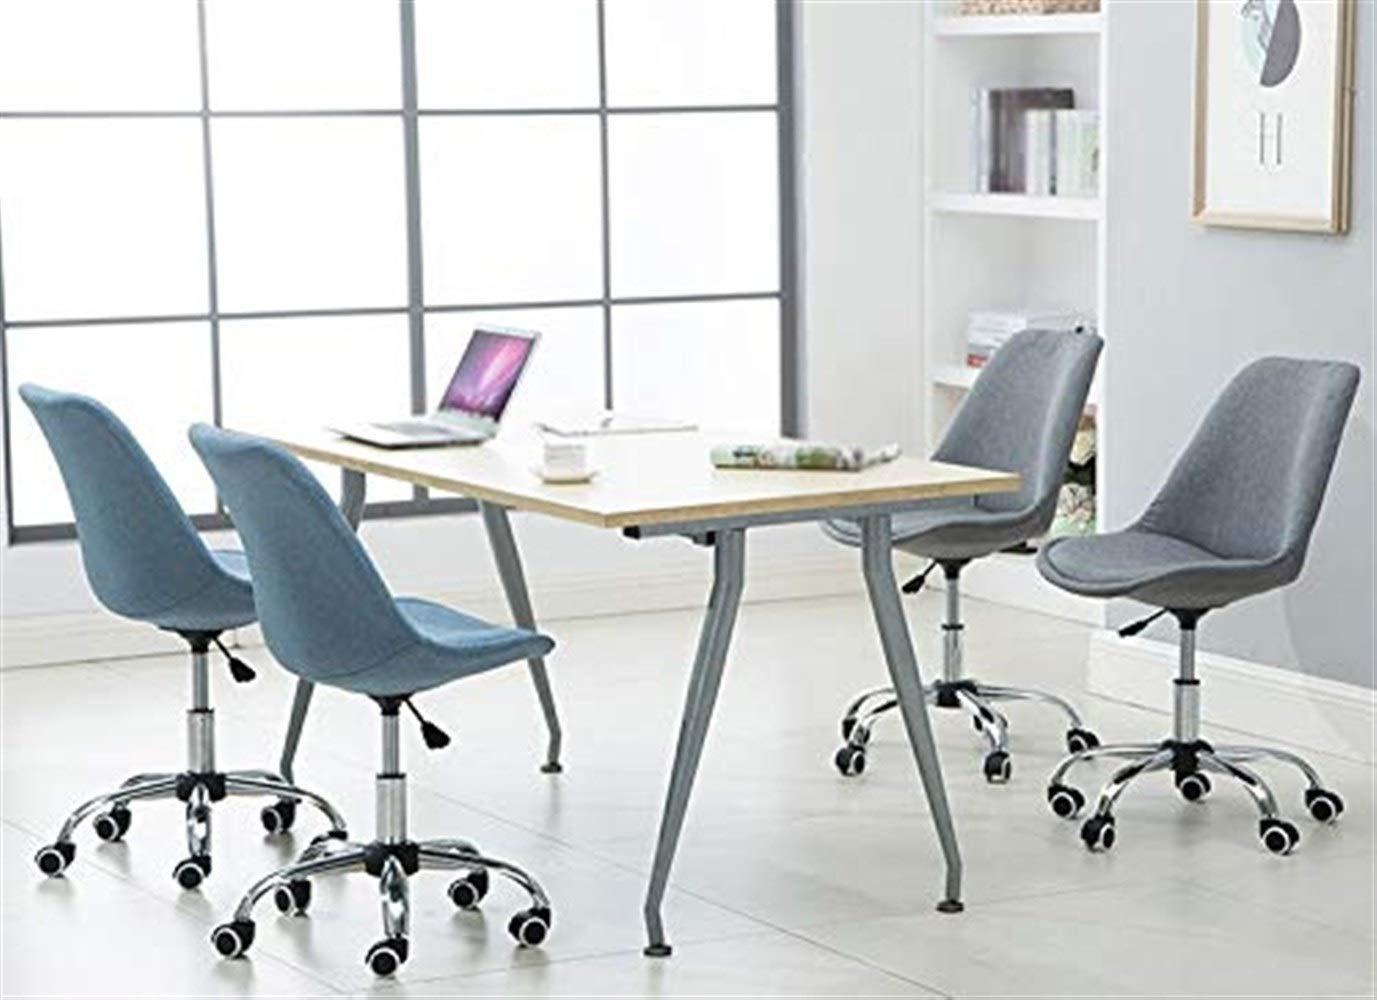 Kontorsstol student stol spelstol dator stol mottagningsstol roterbar kan lyfta GMING (färg: Lila) gRÖN